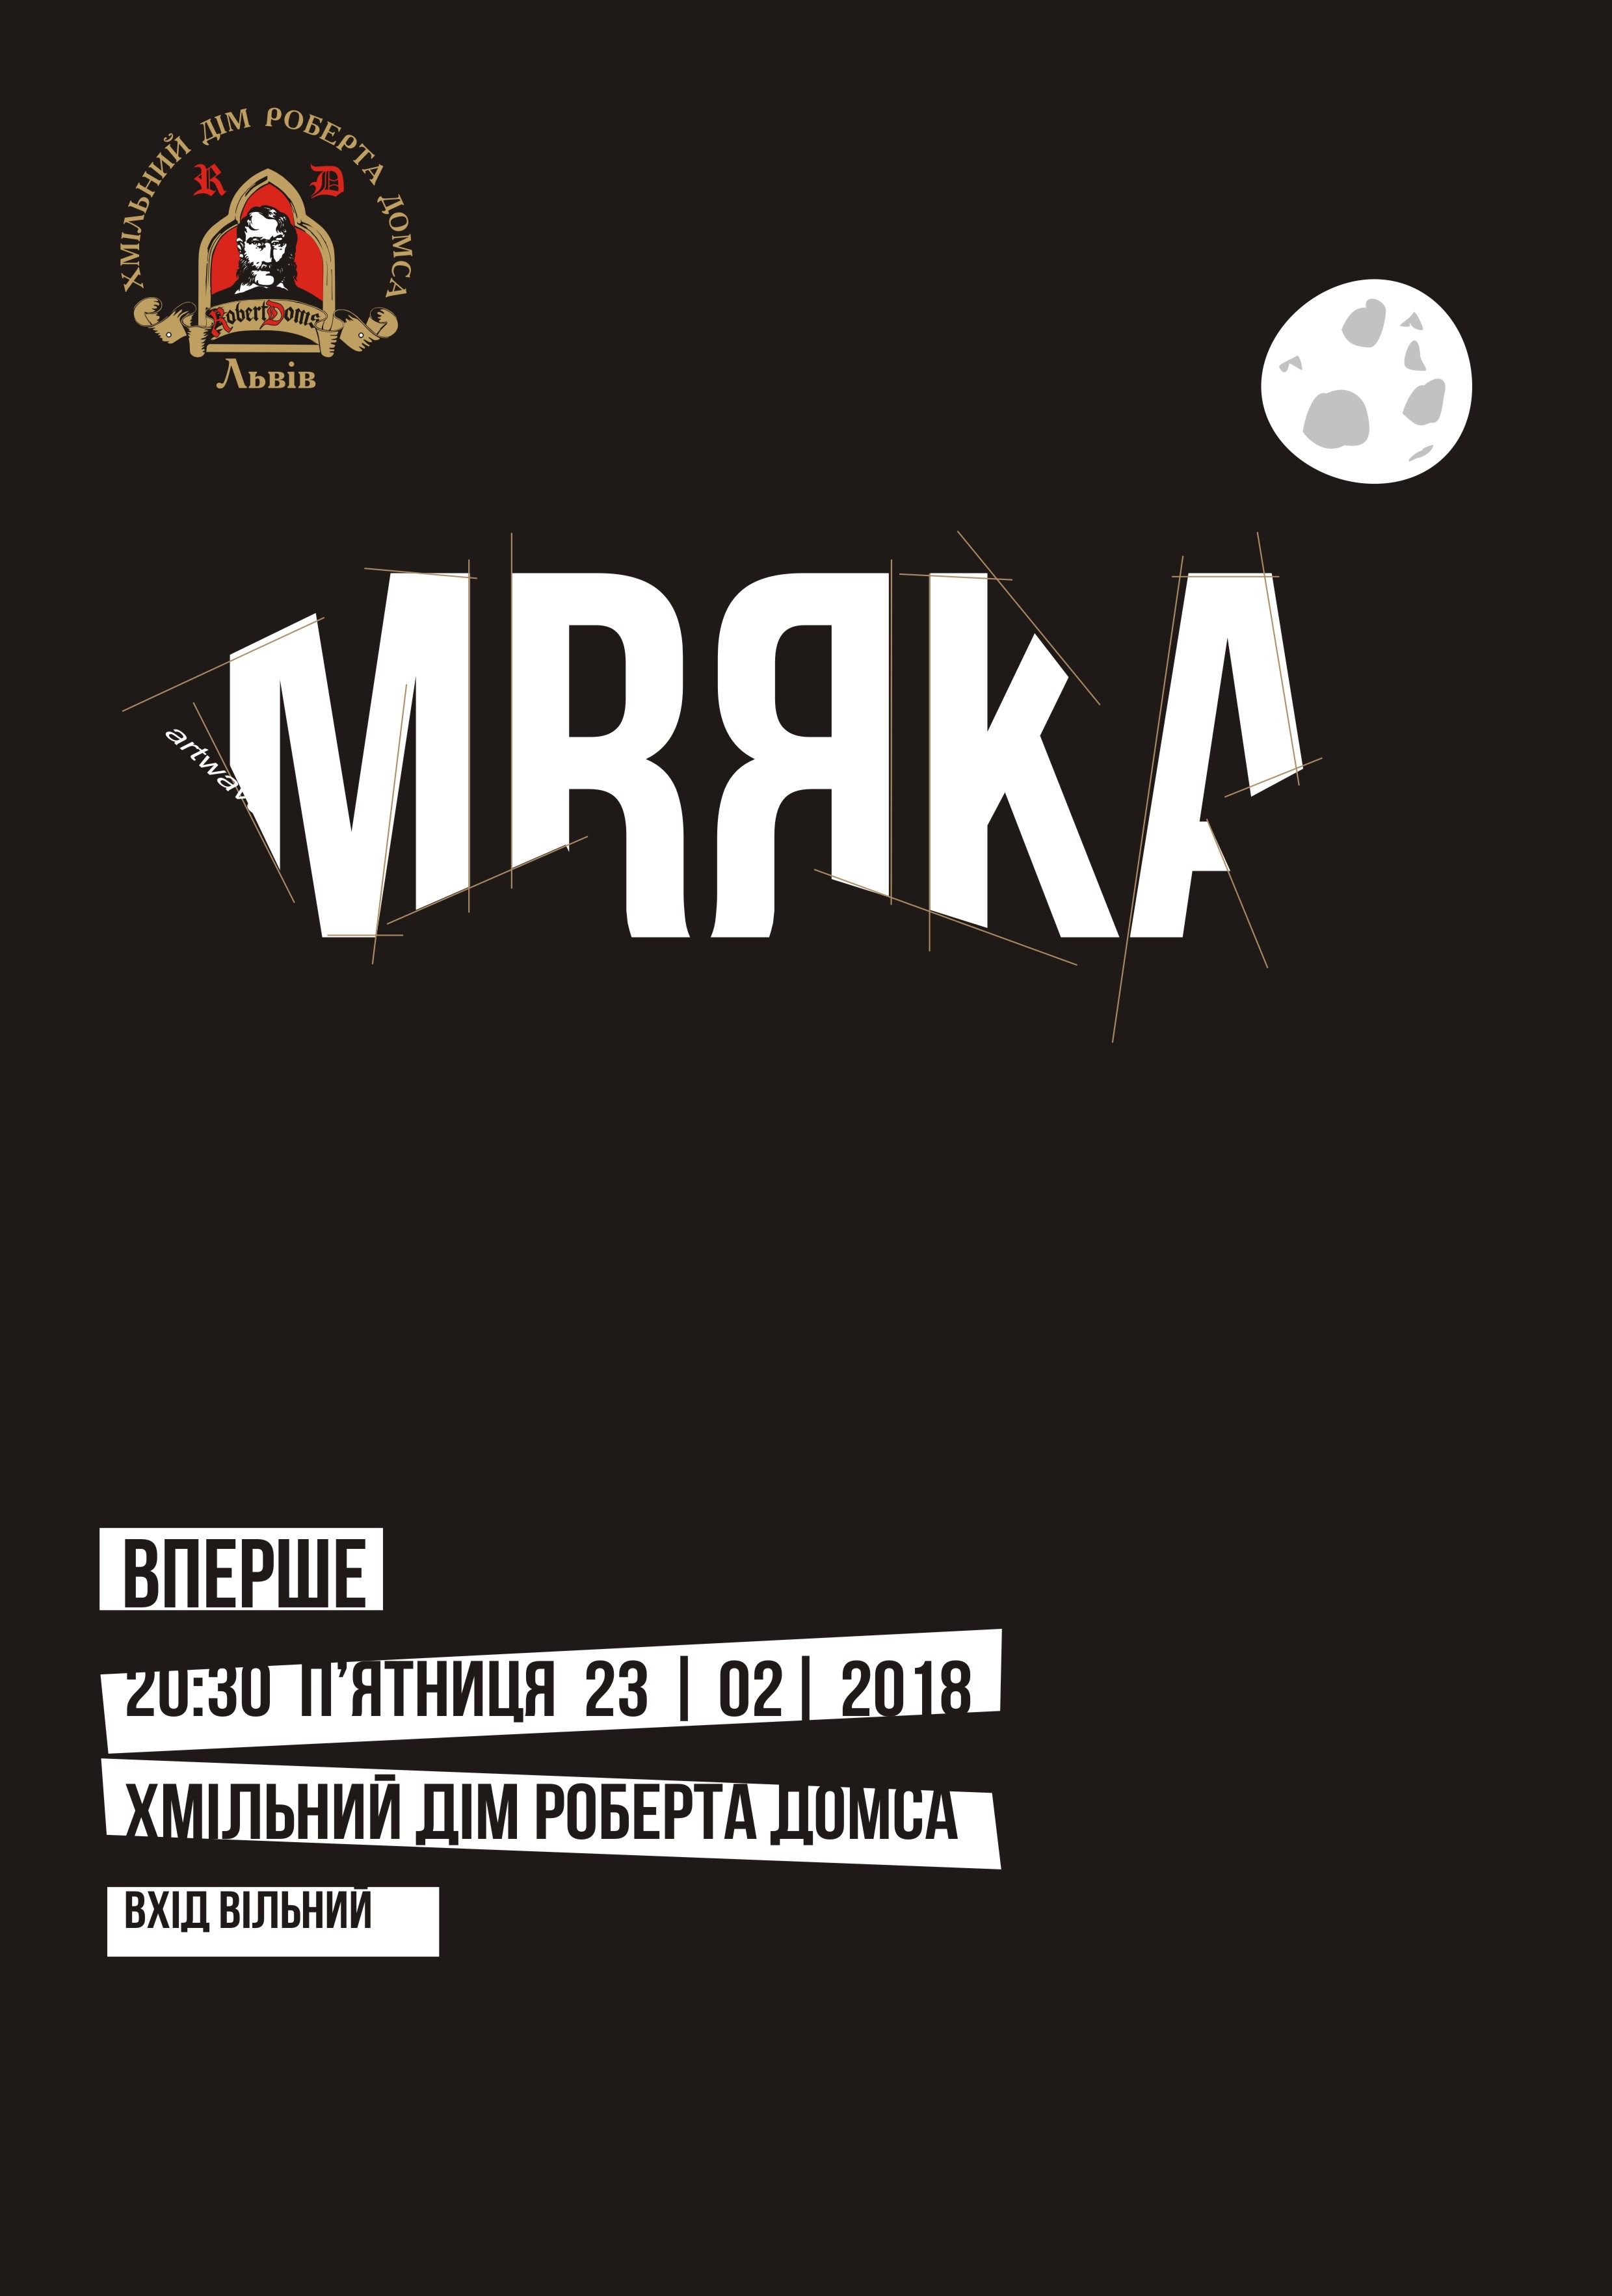 mryaka_23_02_18.jpg (360.39 Kb)